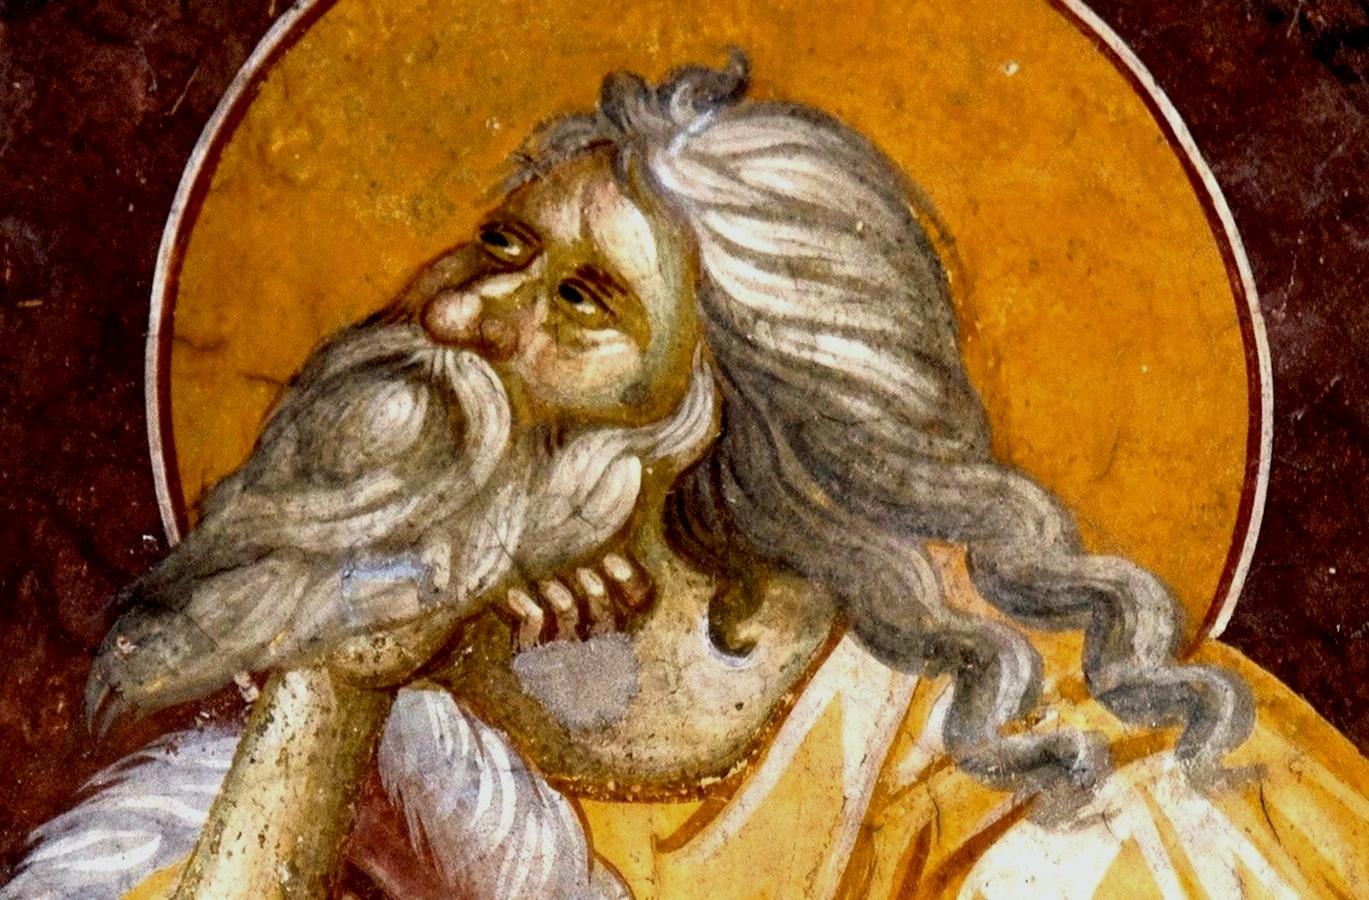 Святой Пророк Божий Илия в пустыне. Фреска монастыря Грачаница, Косово и Метохия, Сербия. Около 1320 года. Фрагмент.